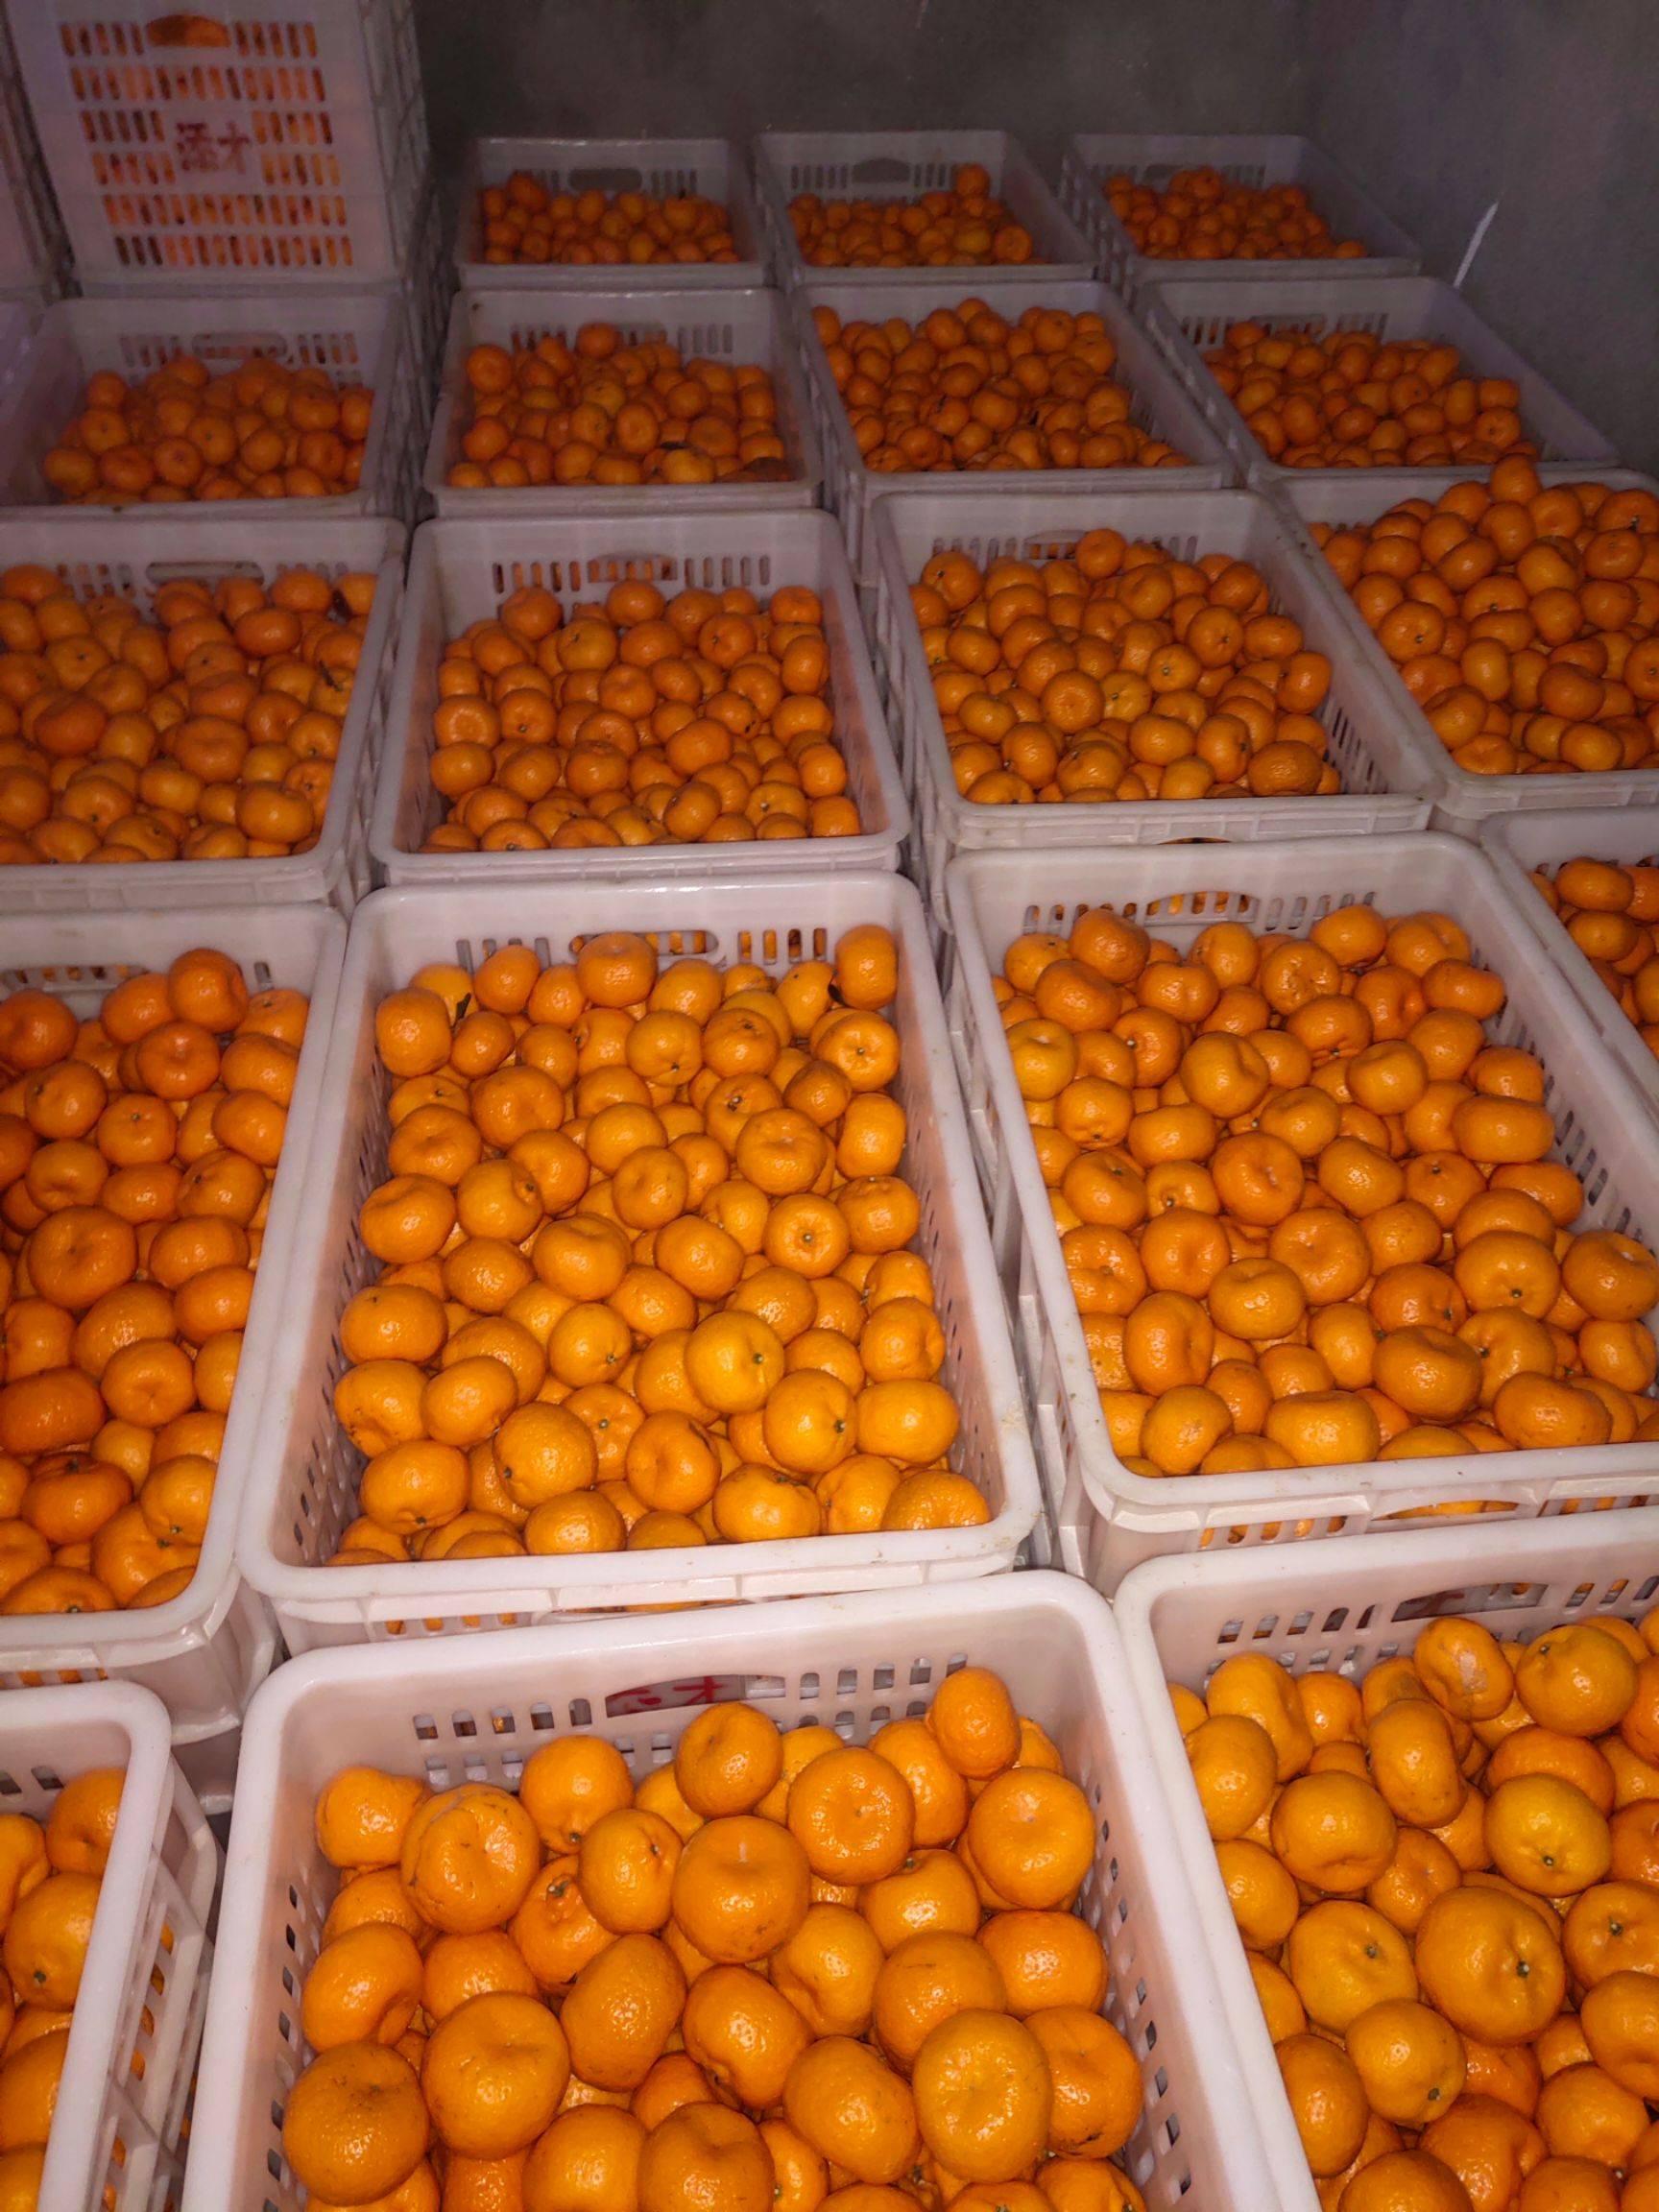 蜜桔 3.5 - 4cm 1.5 - 2两